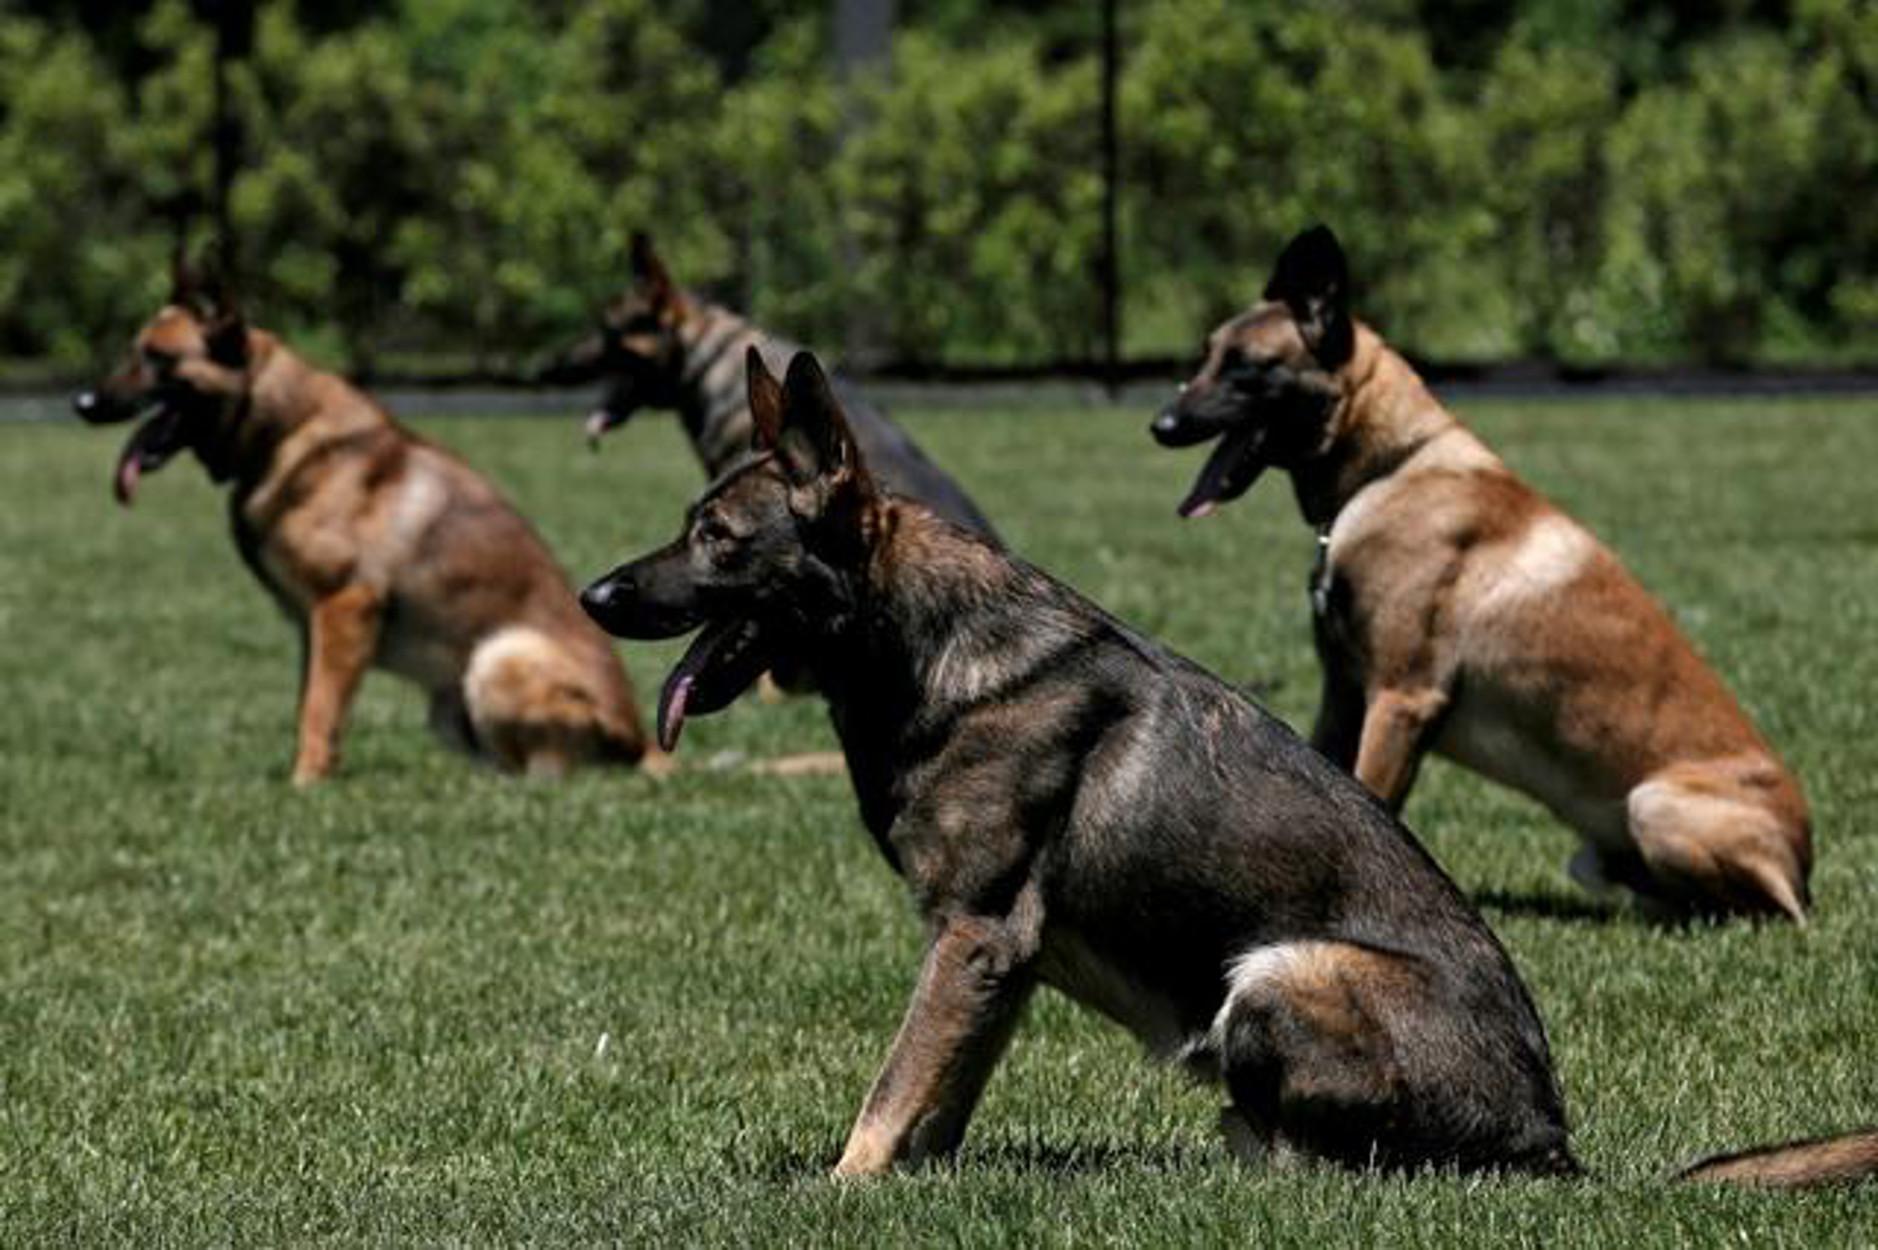 Ψάχνουν σπίτι για σκύλους της αστυνομίας επειδή… παραείναι ήπιοι και φιλικοί!